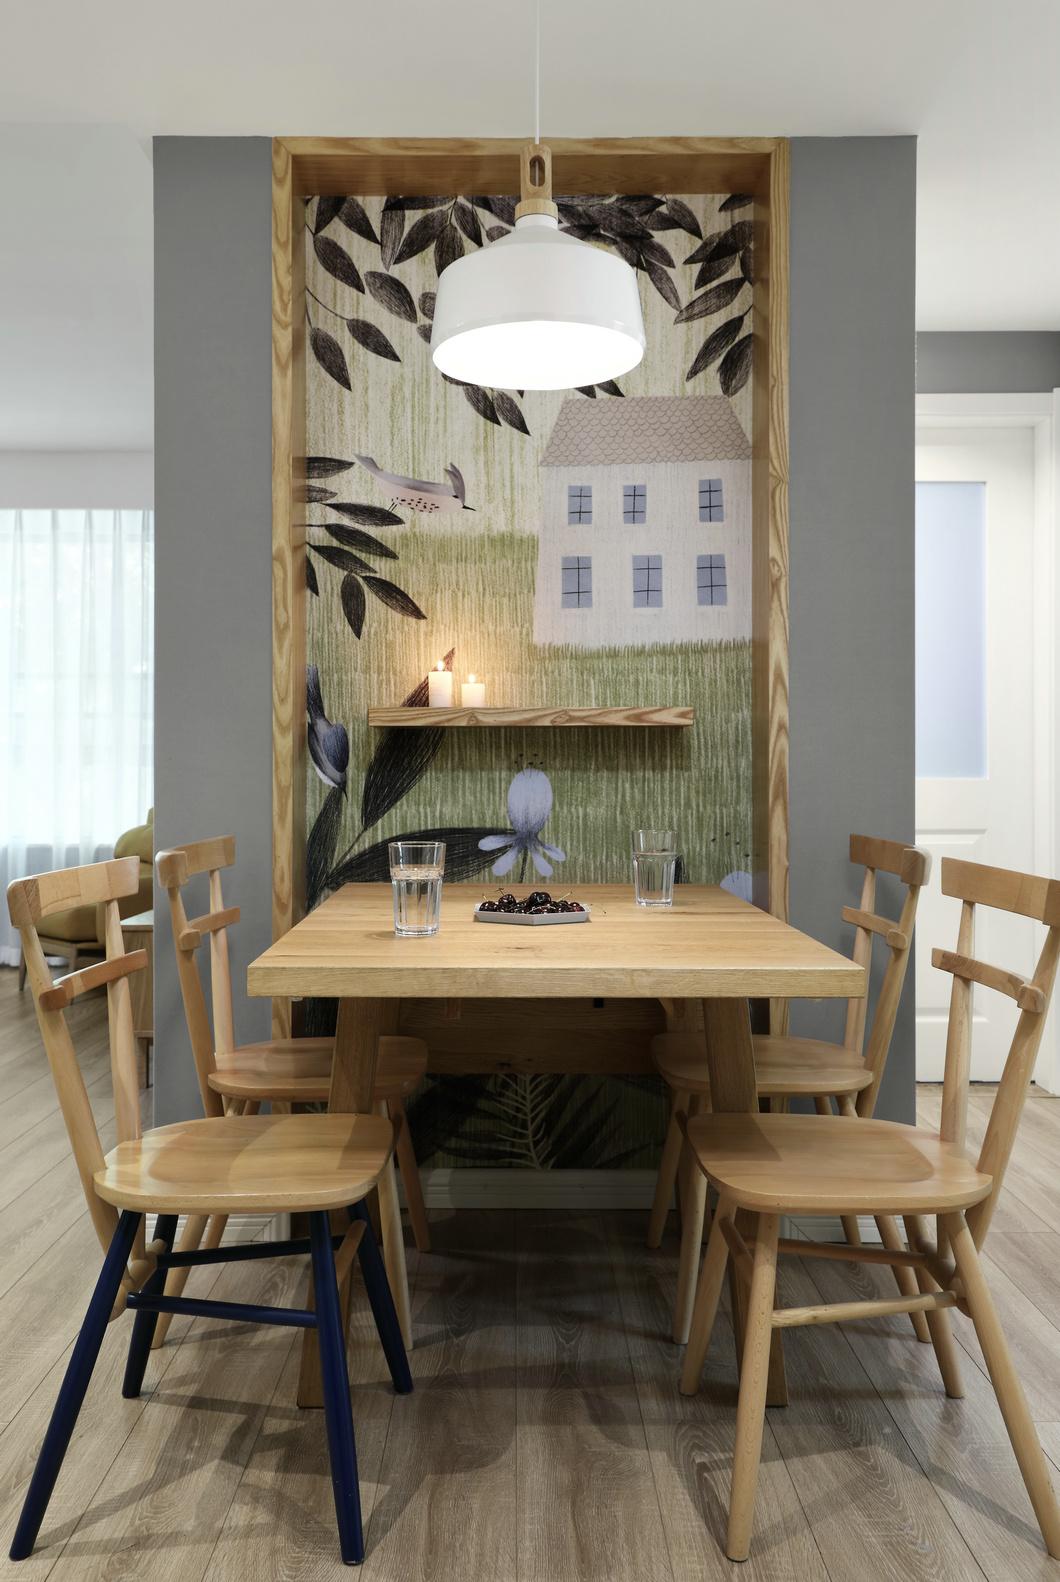 餐厅以灰色和木色基调打造,营造出舒适的用餐环境,简洁大方的布局使空间通透宽敞。